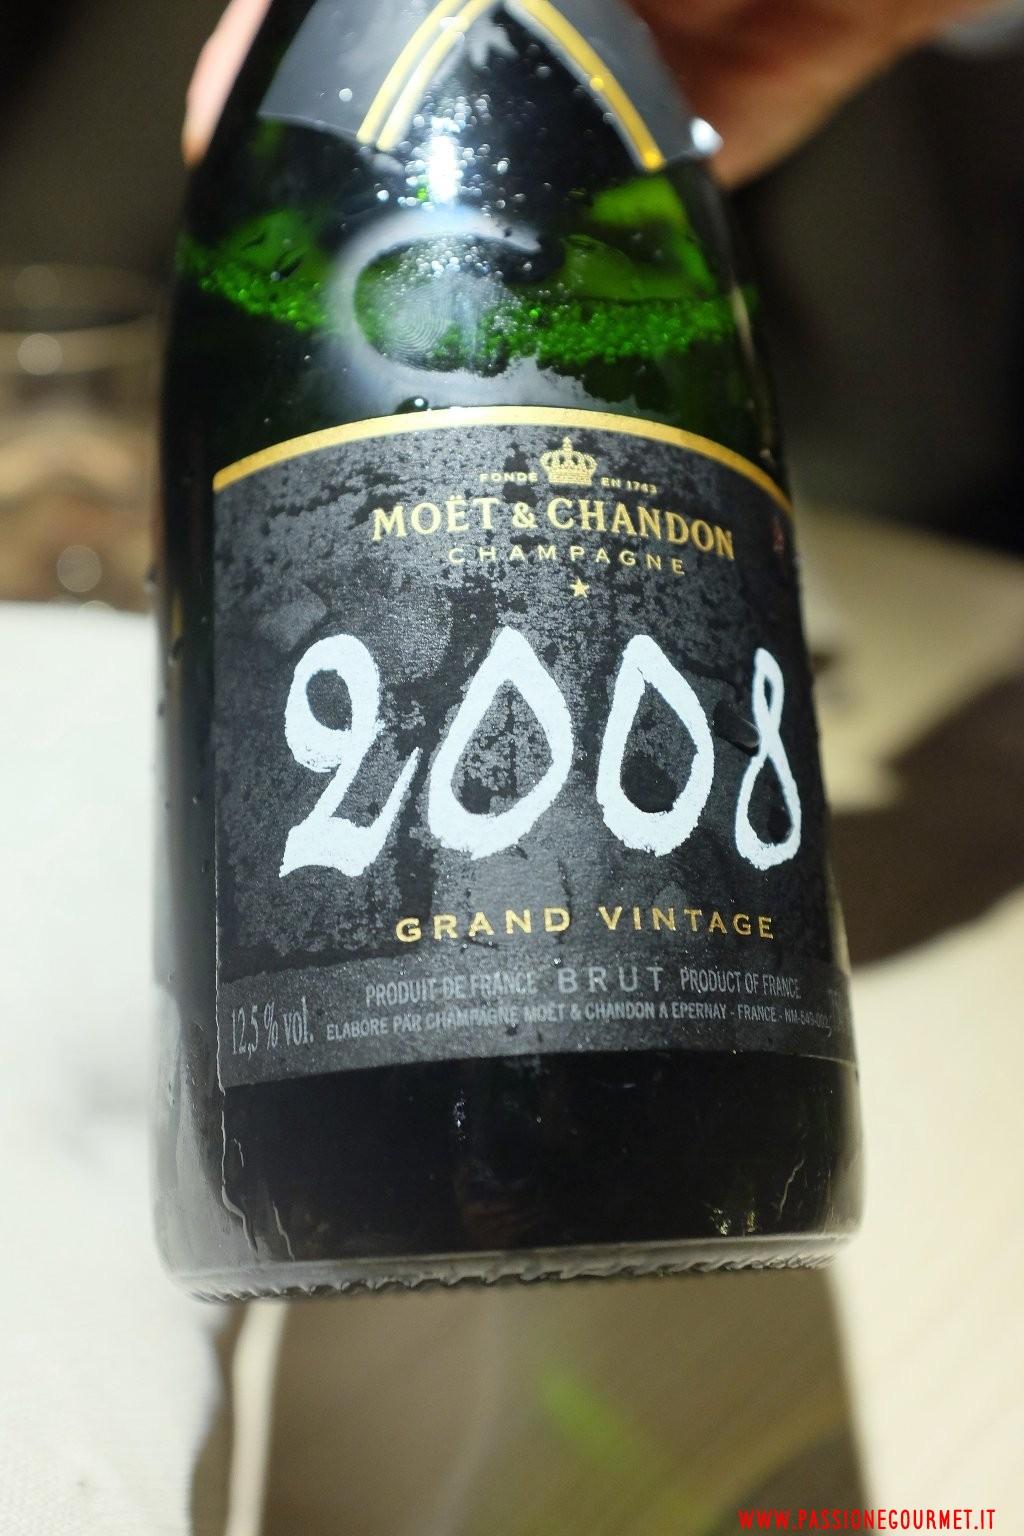 Le Calandre: Moet & Chandon Grand Vintage 2008